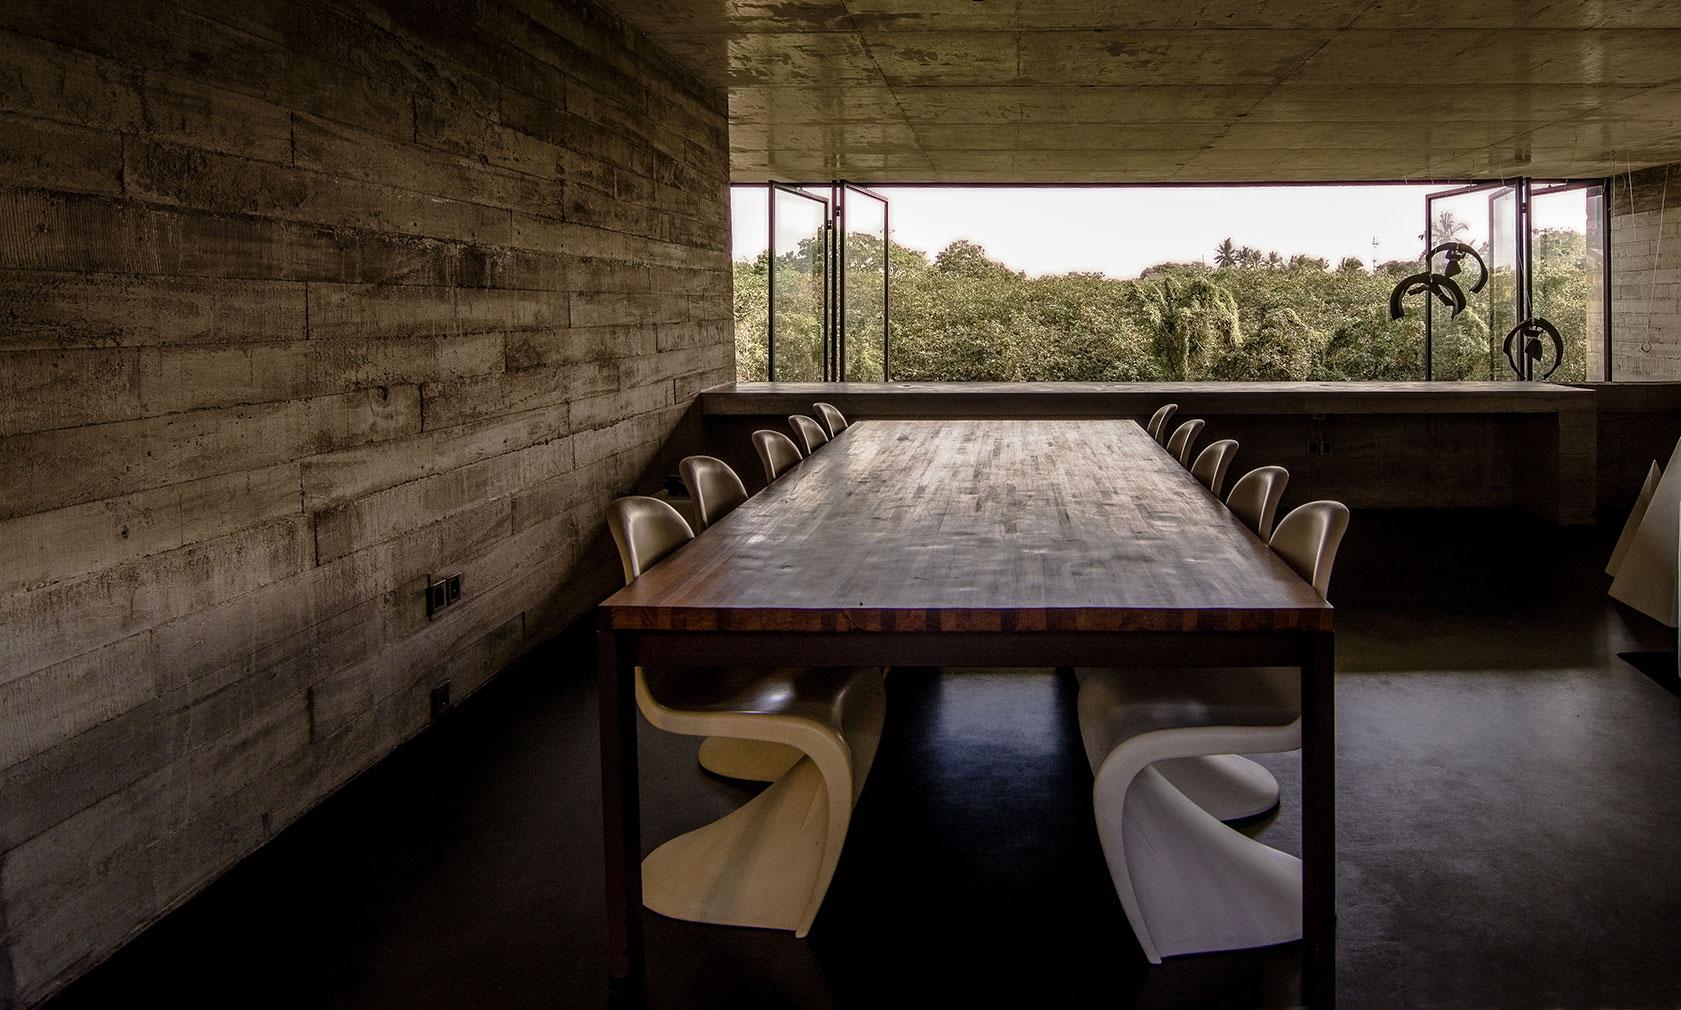 Palinda Kannangara's Studio Dwelling in Rajagiriya, Colombo